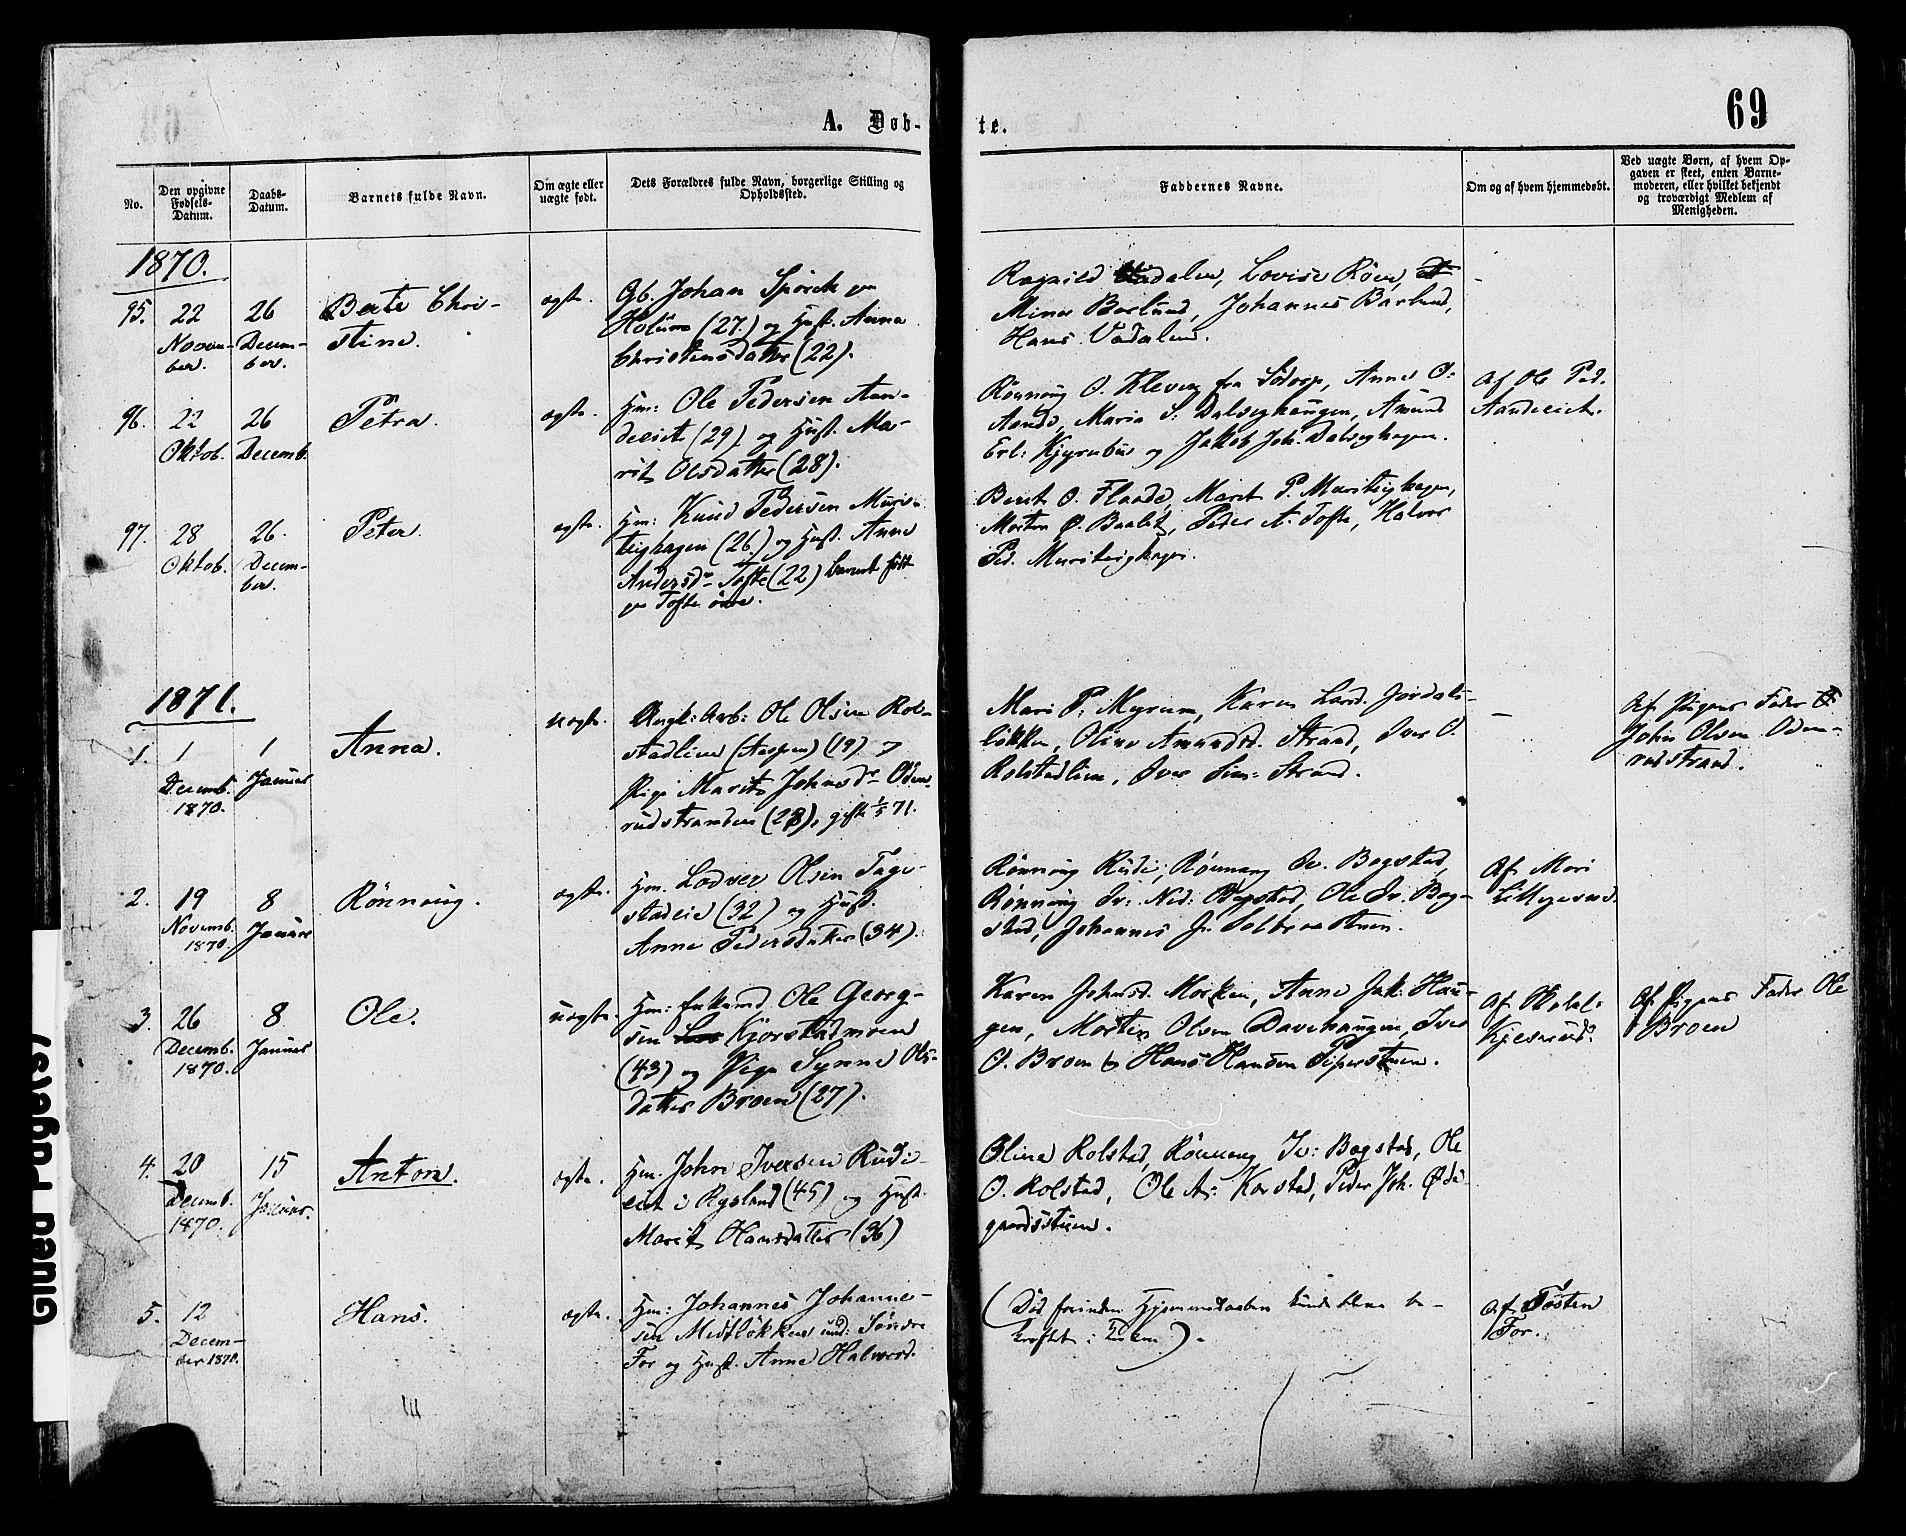 SAH, Sør-Fron prestekontor, H/Ha/Haa/L0002: Ministerialbok nr. 2, 1864-1880, s. 69